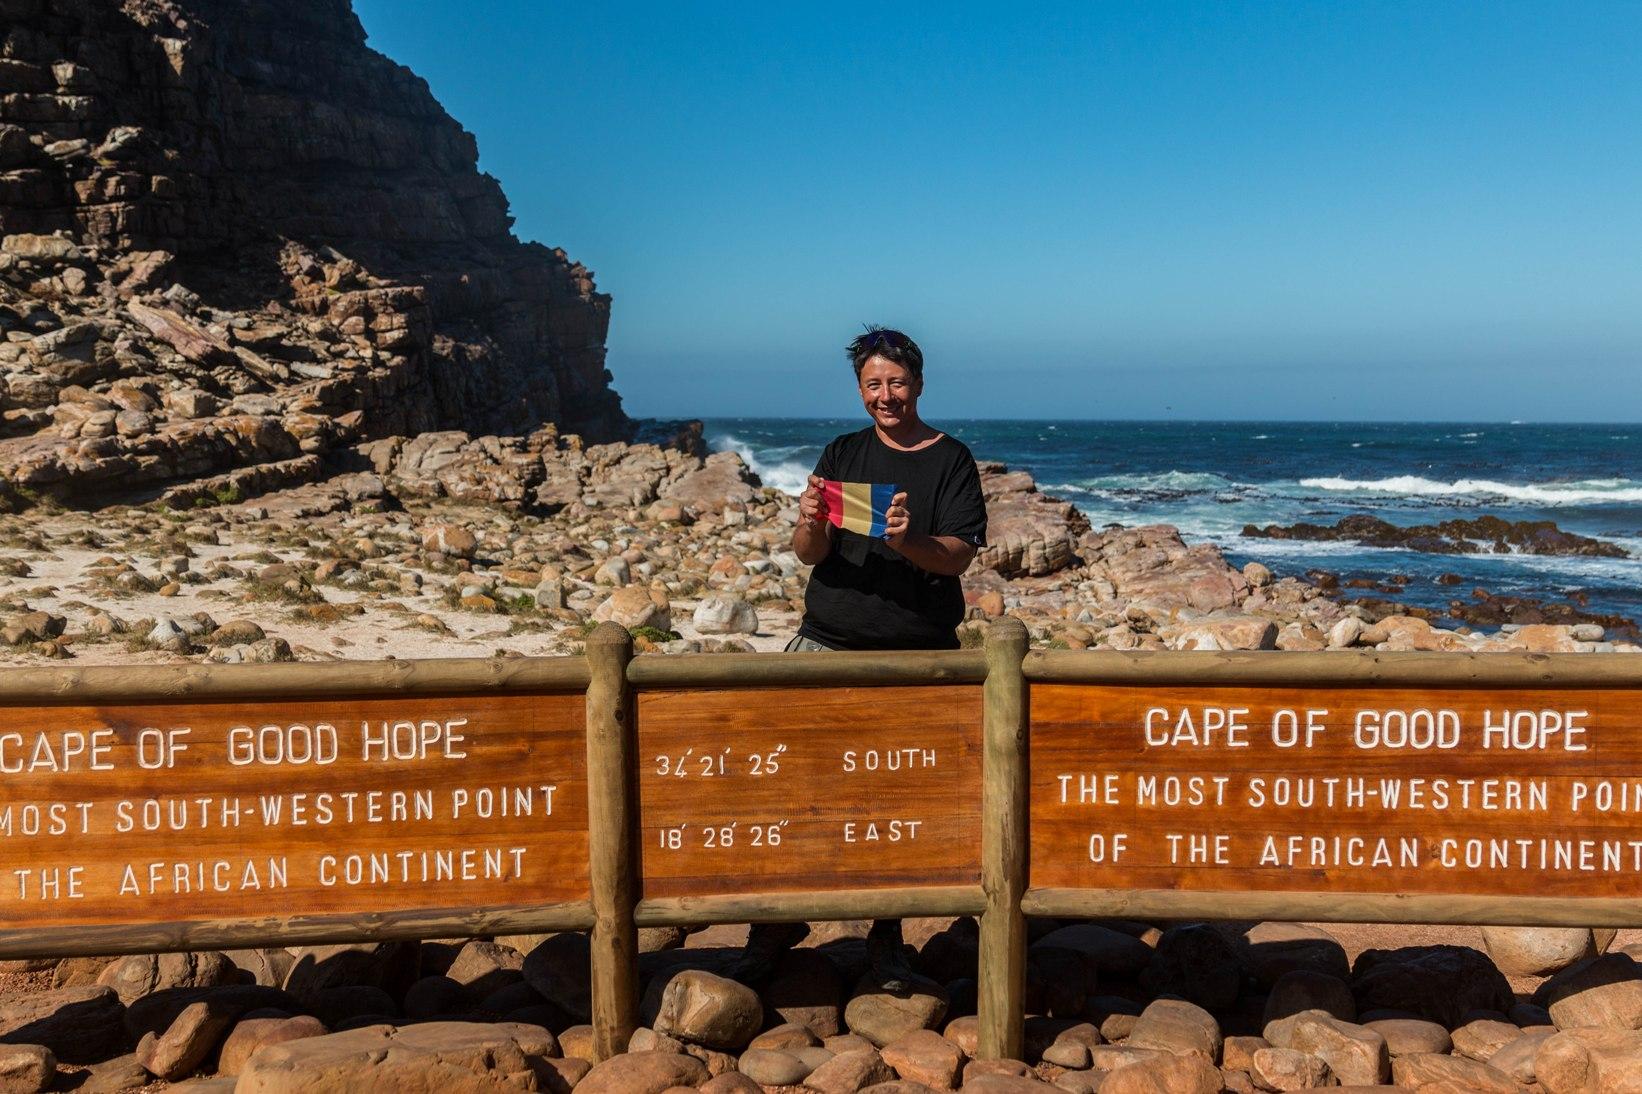 Capul bunei sperante pe bicicleta in africa de sud.